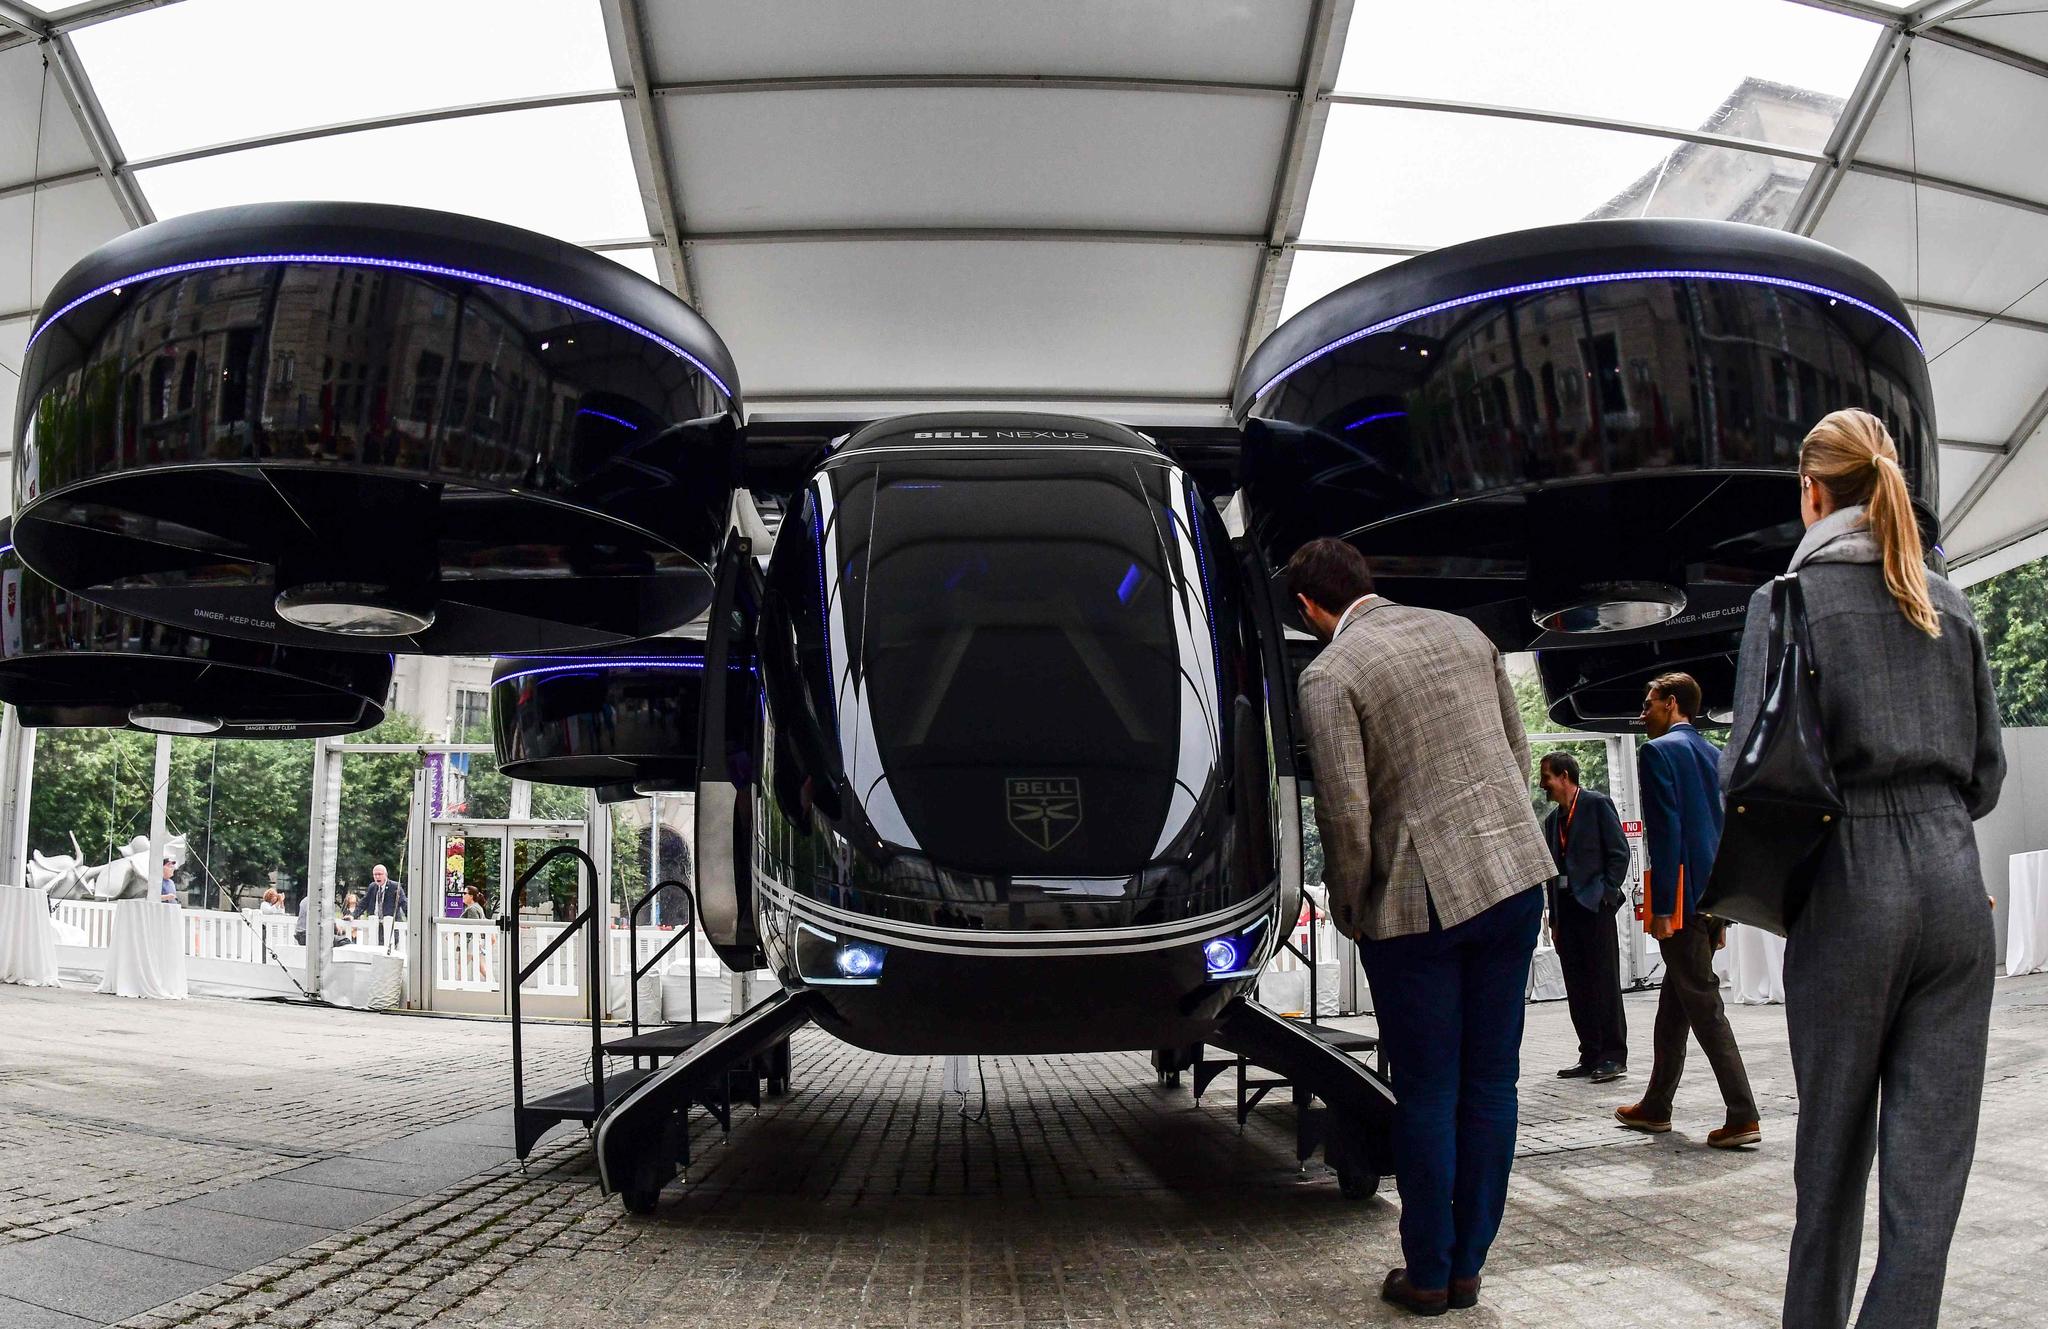 12일(현지시간) 미국 워싱턴 DC에서 열린 우버 엘레베이터 서밋을 보러온 방문객들이 '벨 넥서스' 컨셉트 차량을 살펴 보고 있다. [AFP=연합뉴스]